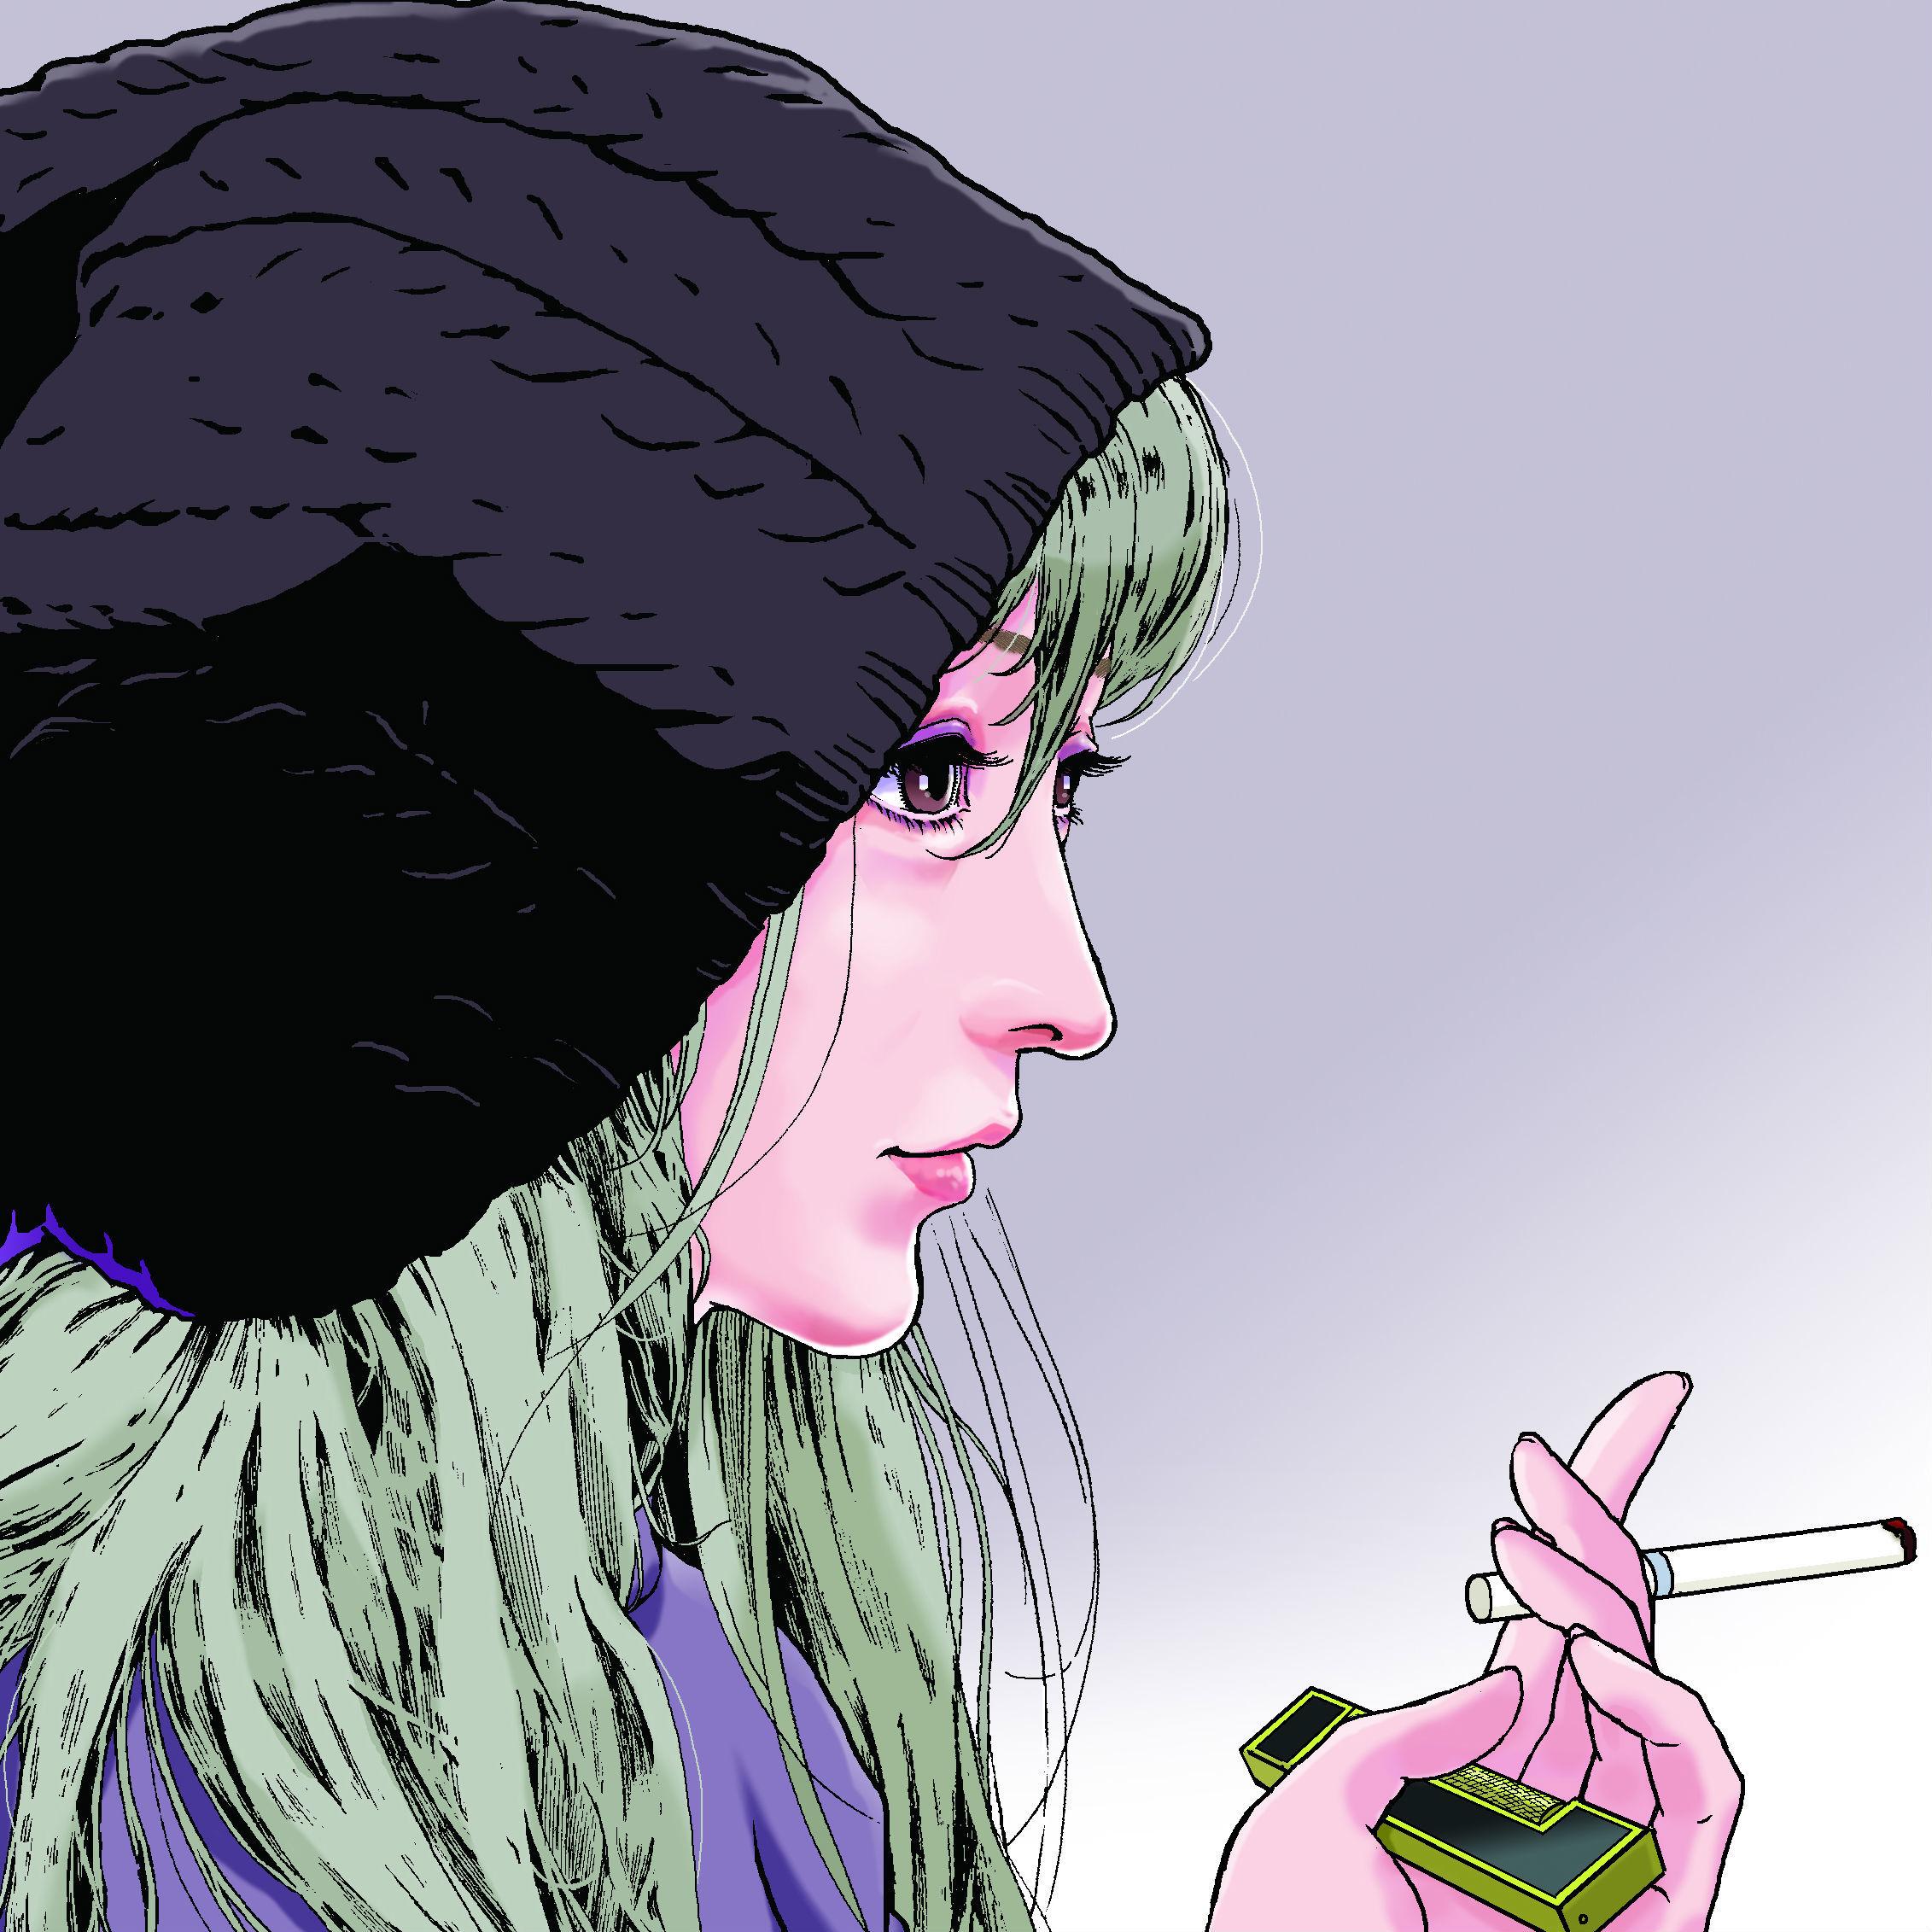 「串と美人2」第8回 noahさん(20代/ミュージシャン)